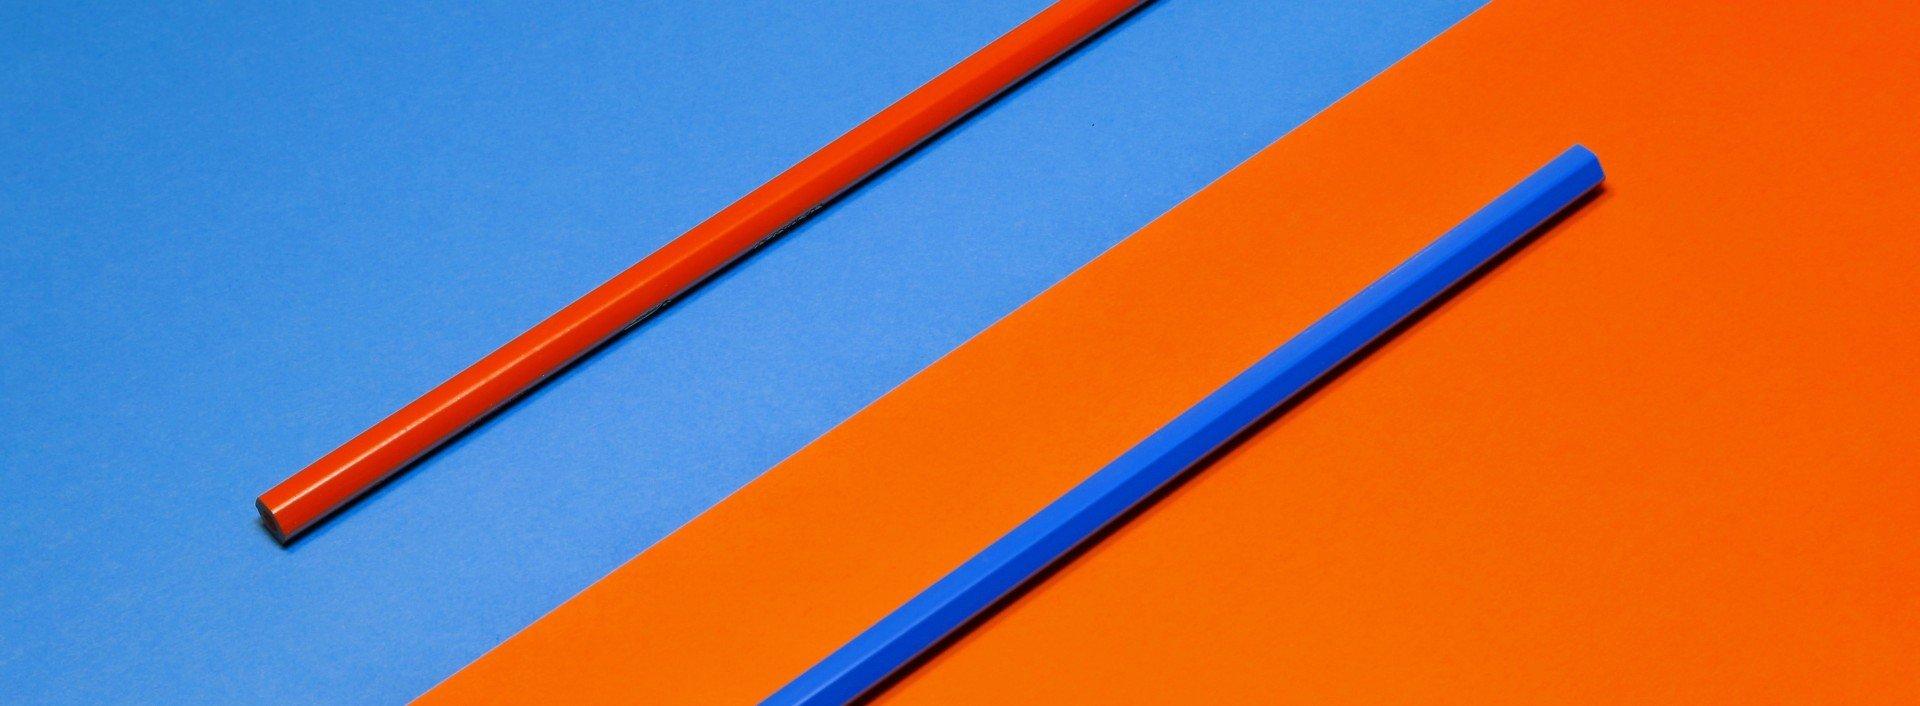 Gegensätze auf Englisch: Blaue und orangefarbene Bleistifte werden auf blauen und orangefarbenen Feldern dargestellt.